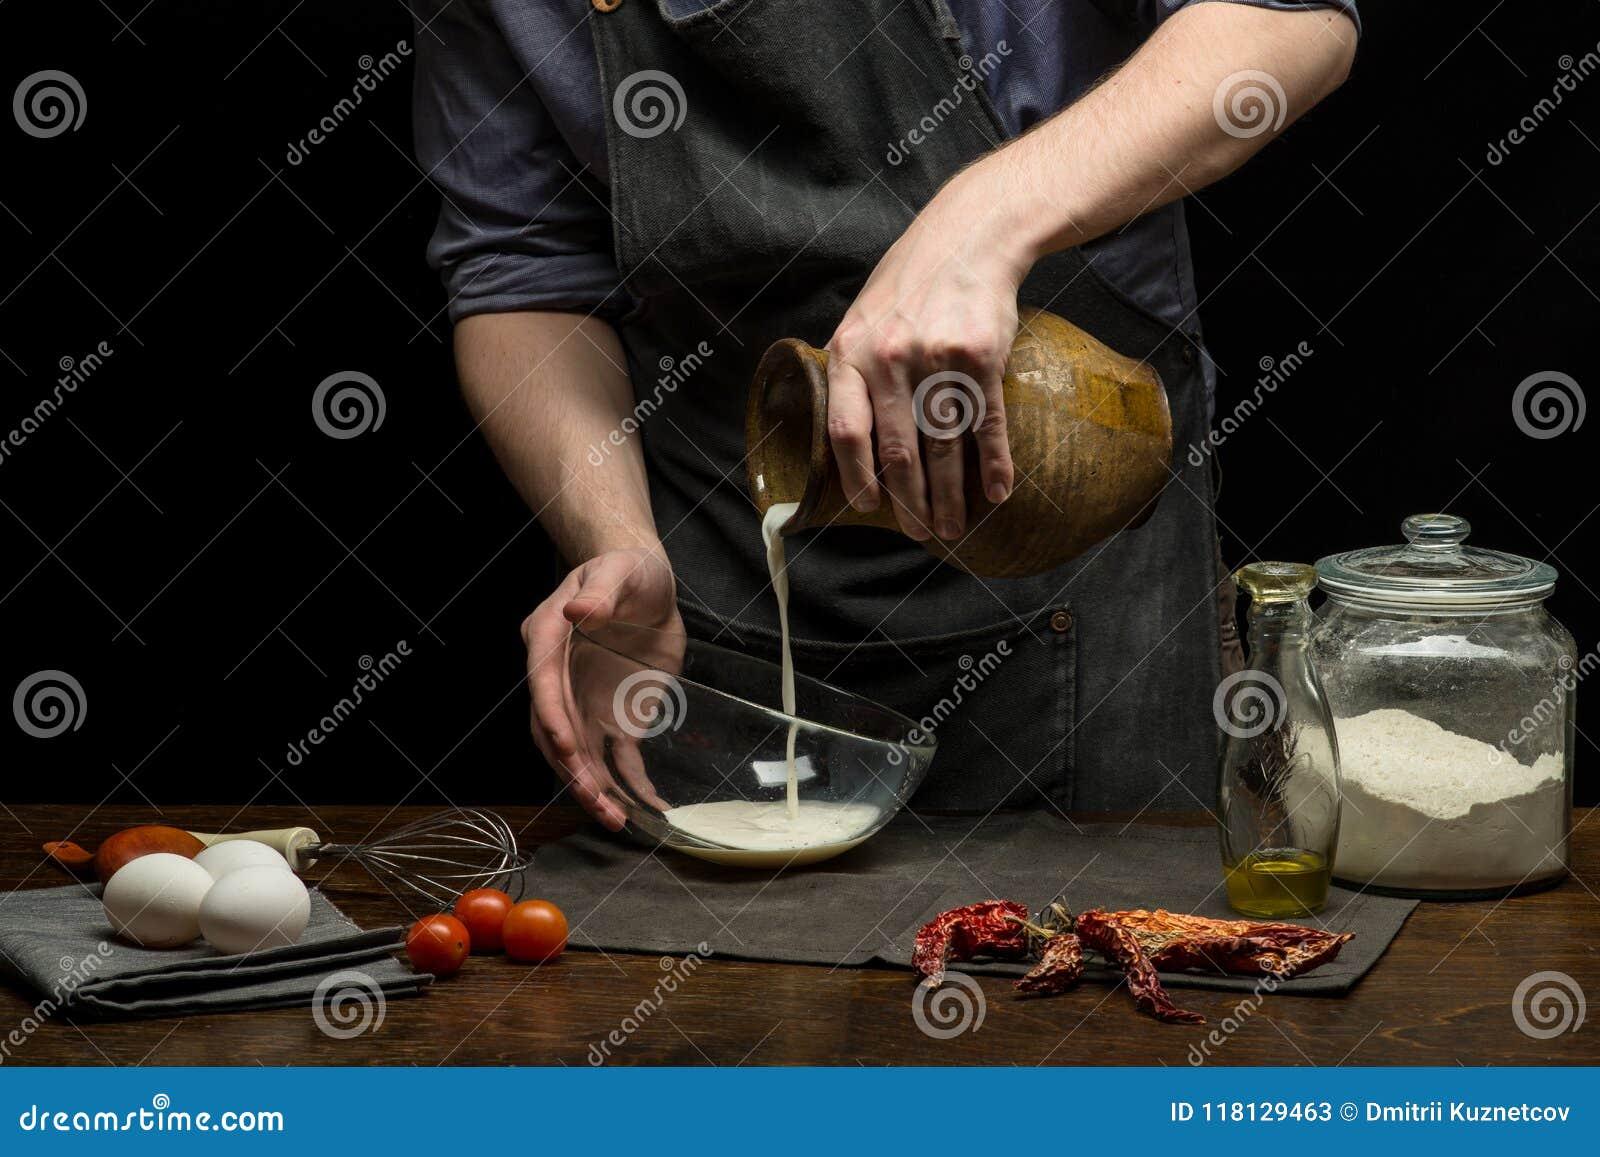 厨师手倒从赤土陶器瓶子的牛奶准备面团